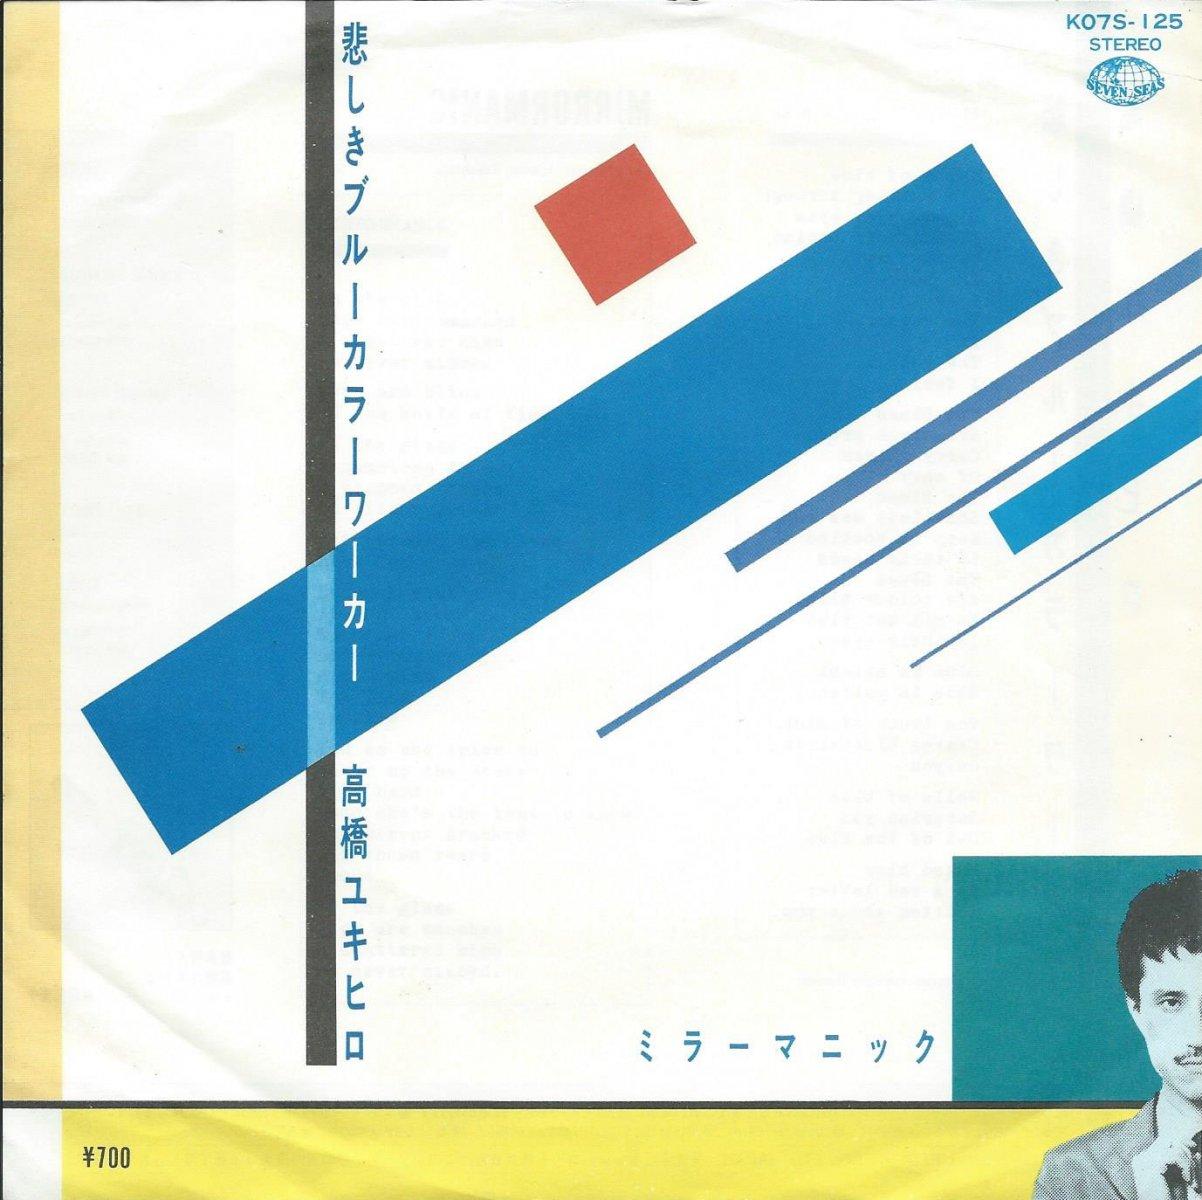 高橋ユキヒロ (高橋幸宏) YUKIHIRO TAKAHASHI / 悲しきブルーカラーワーカー (7